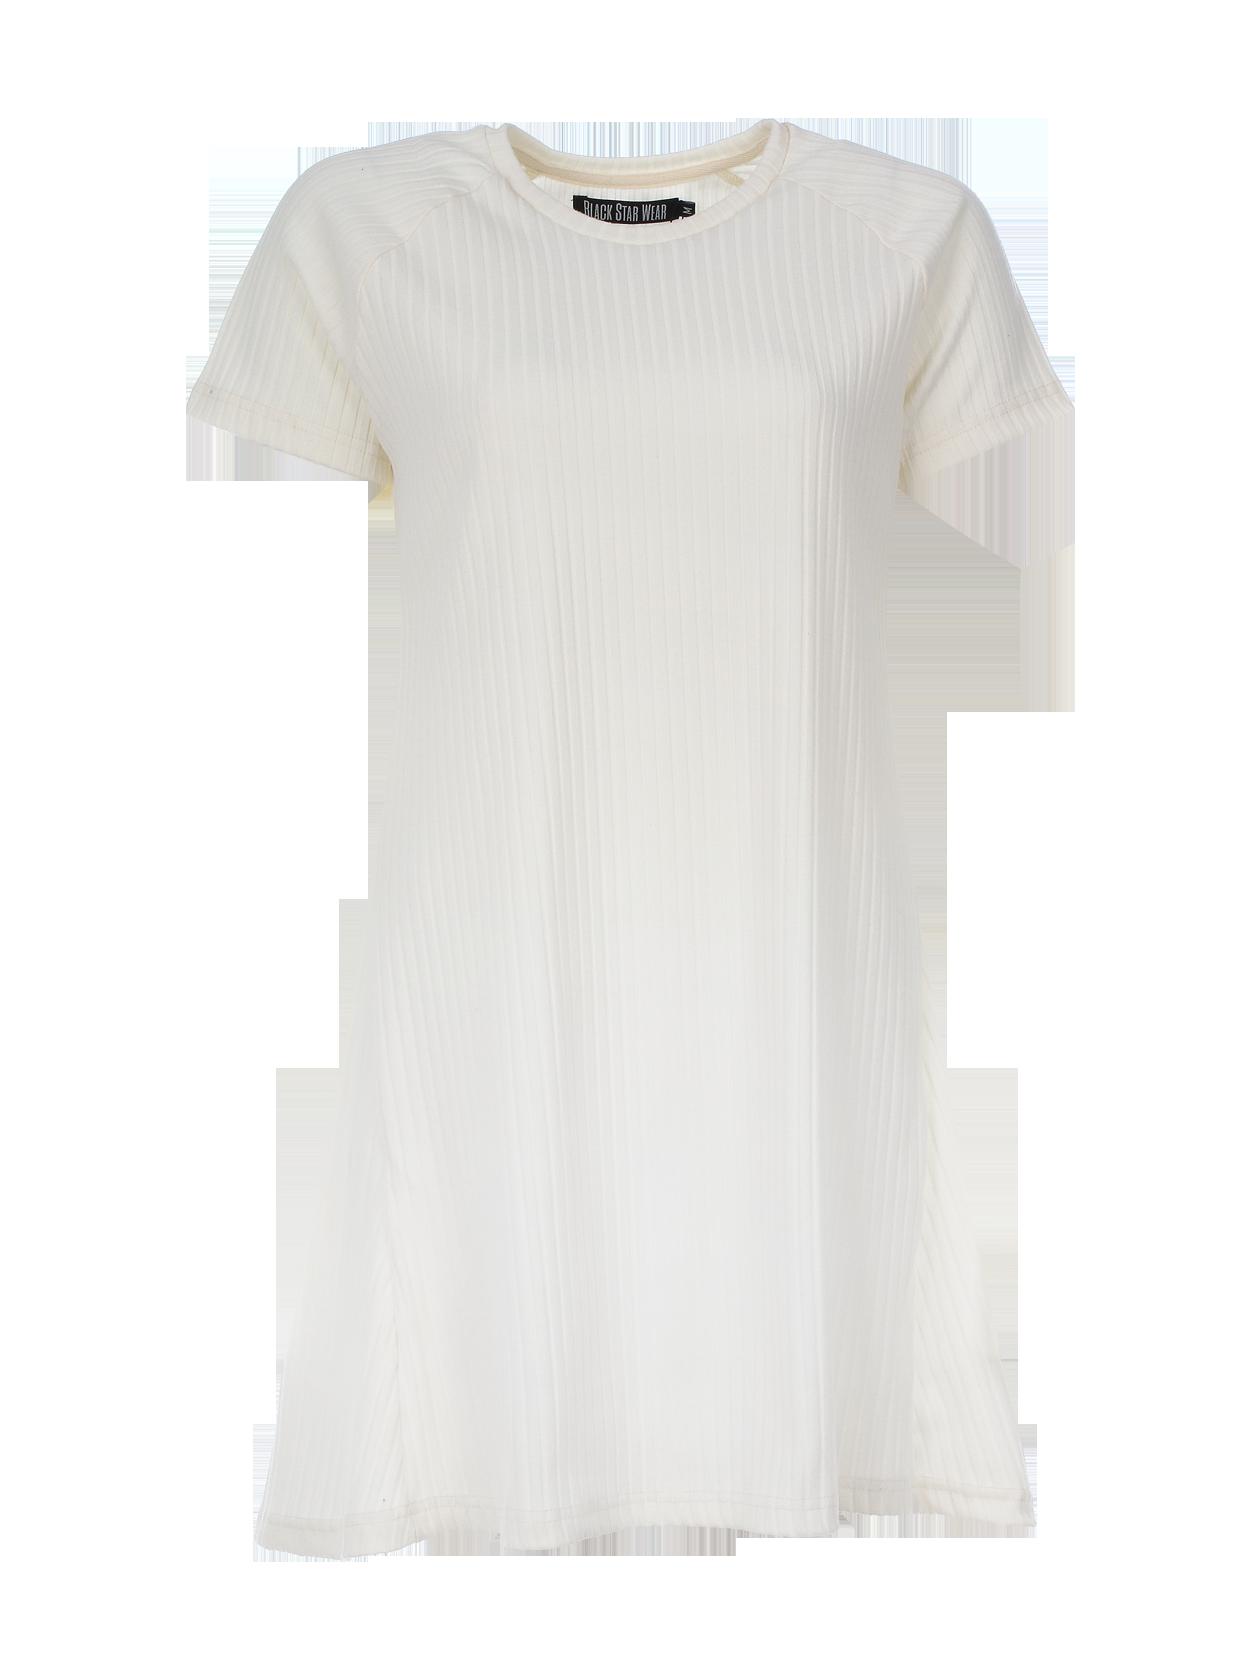 Womens dress PRIM от BlackStarWear INT